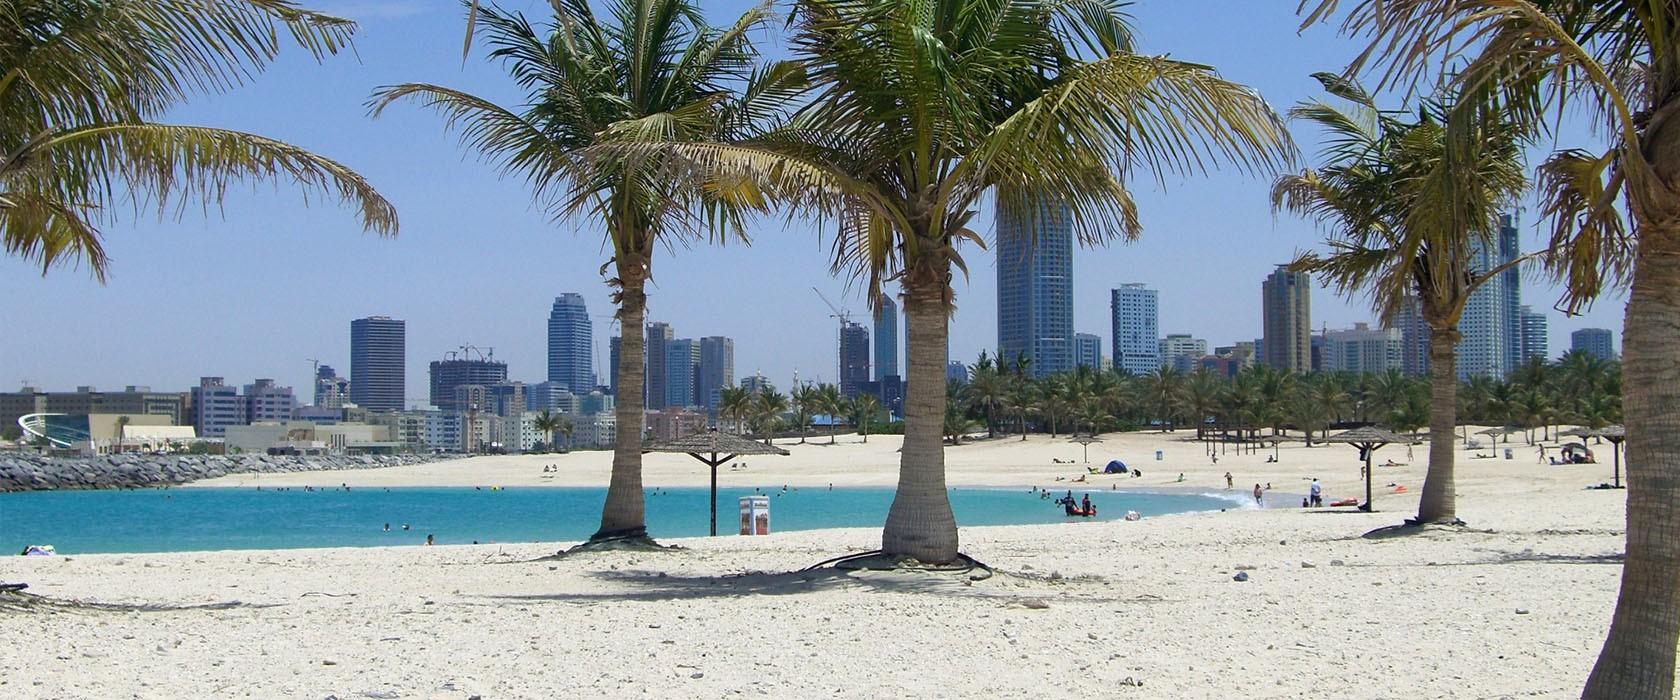 Dubai al mamzar beach park.jpg